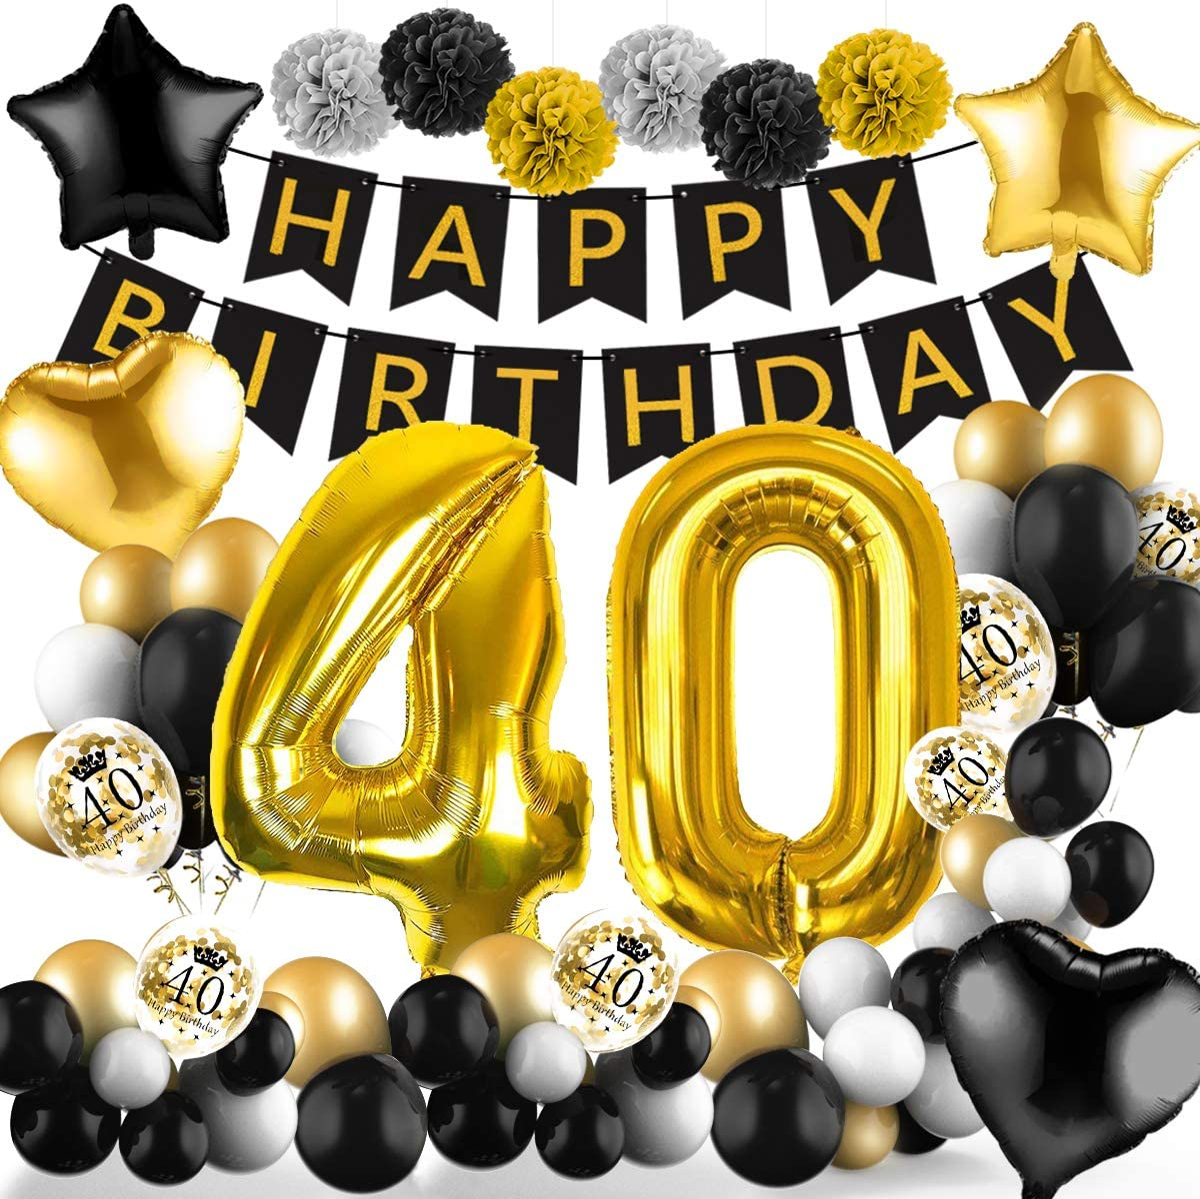 Geburtstag frau 40 jahre 40 Sprüche